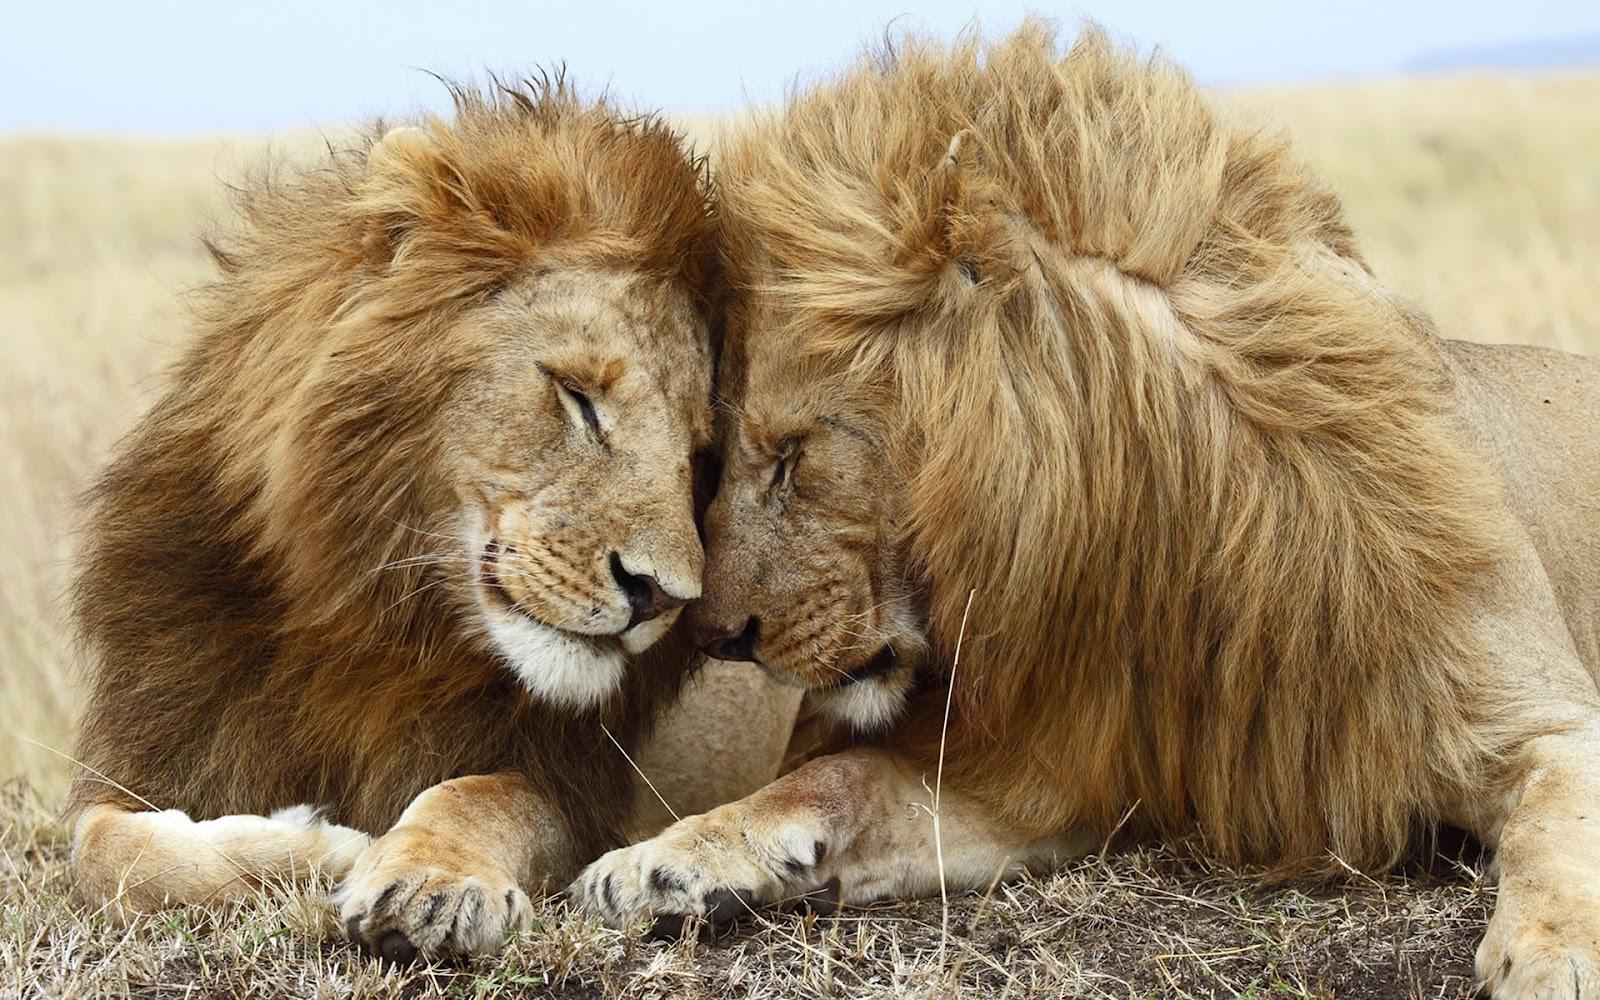 Wonderful   Wallpaper Horse Lion - 1426-Lions-Wallpaper  Photograph_429177.jpg